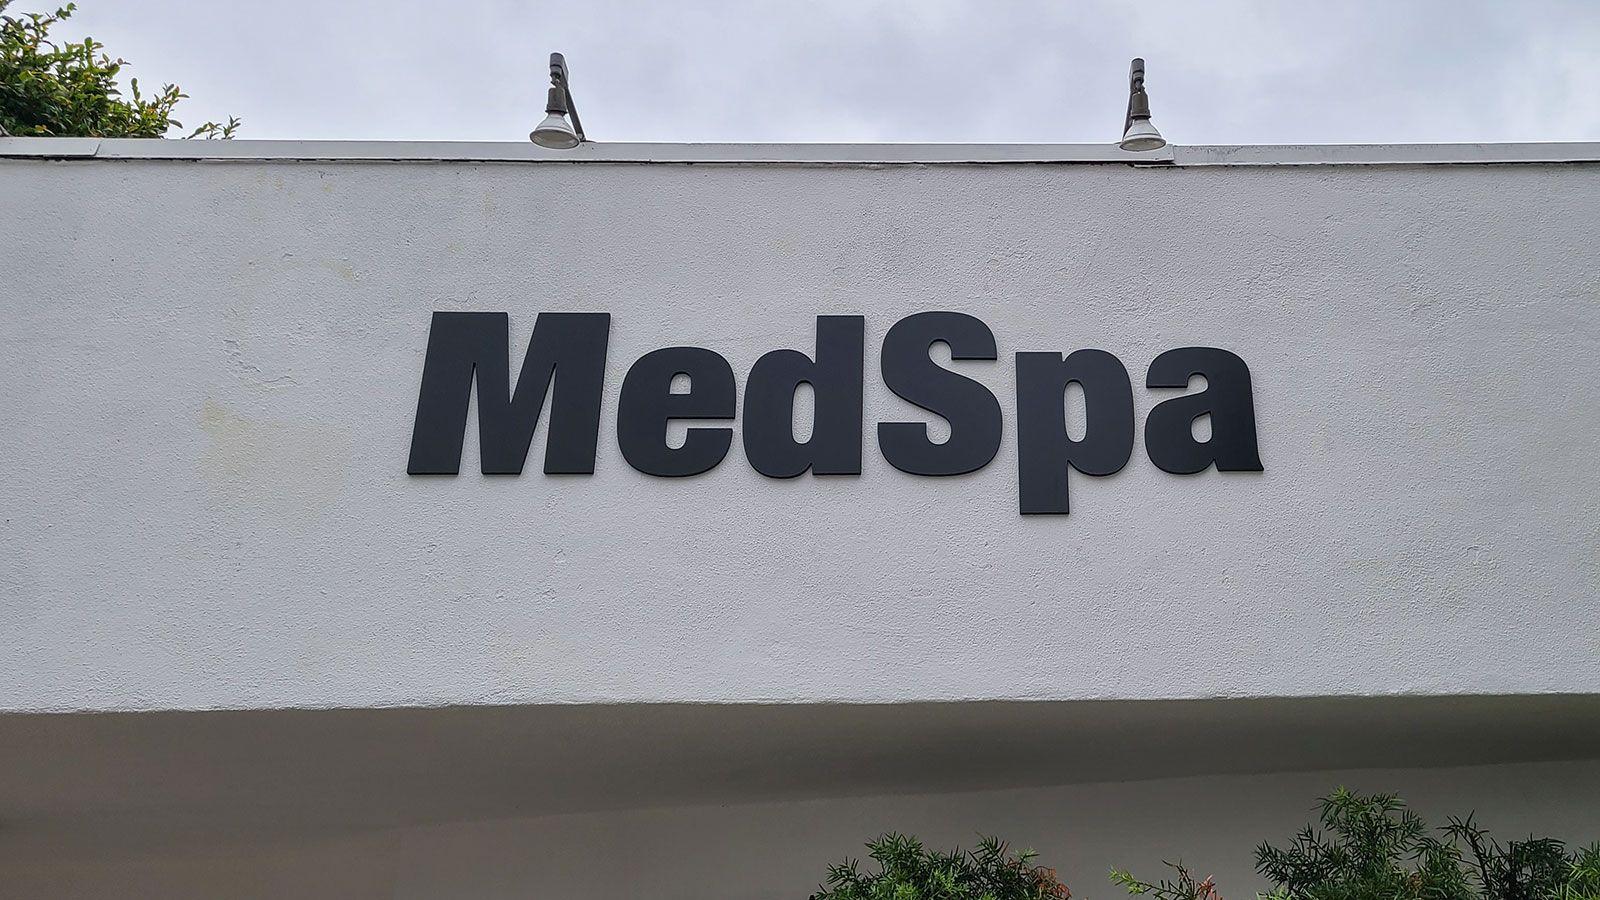 Medspa PVC building sign